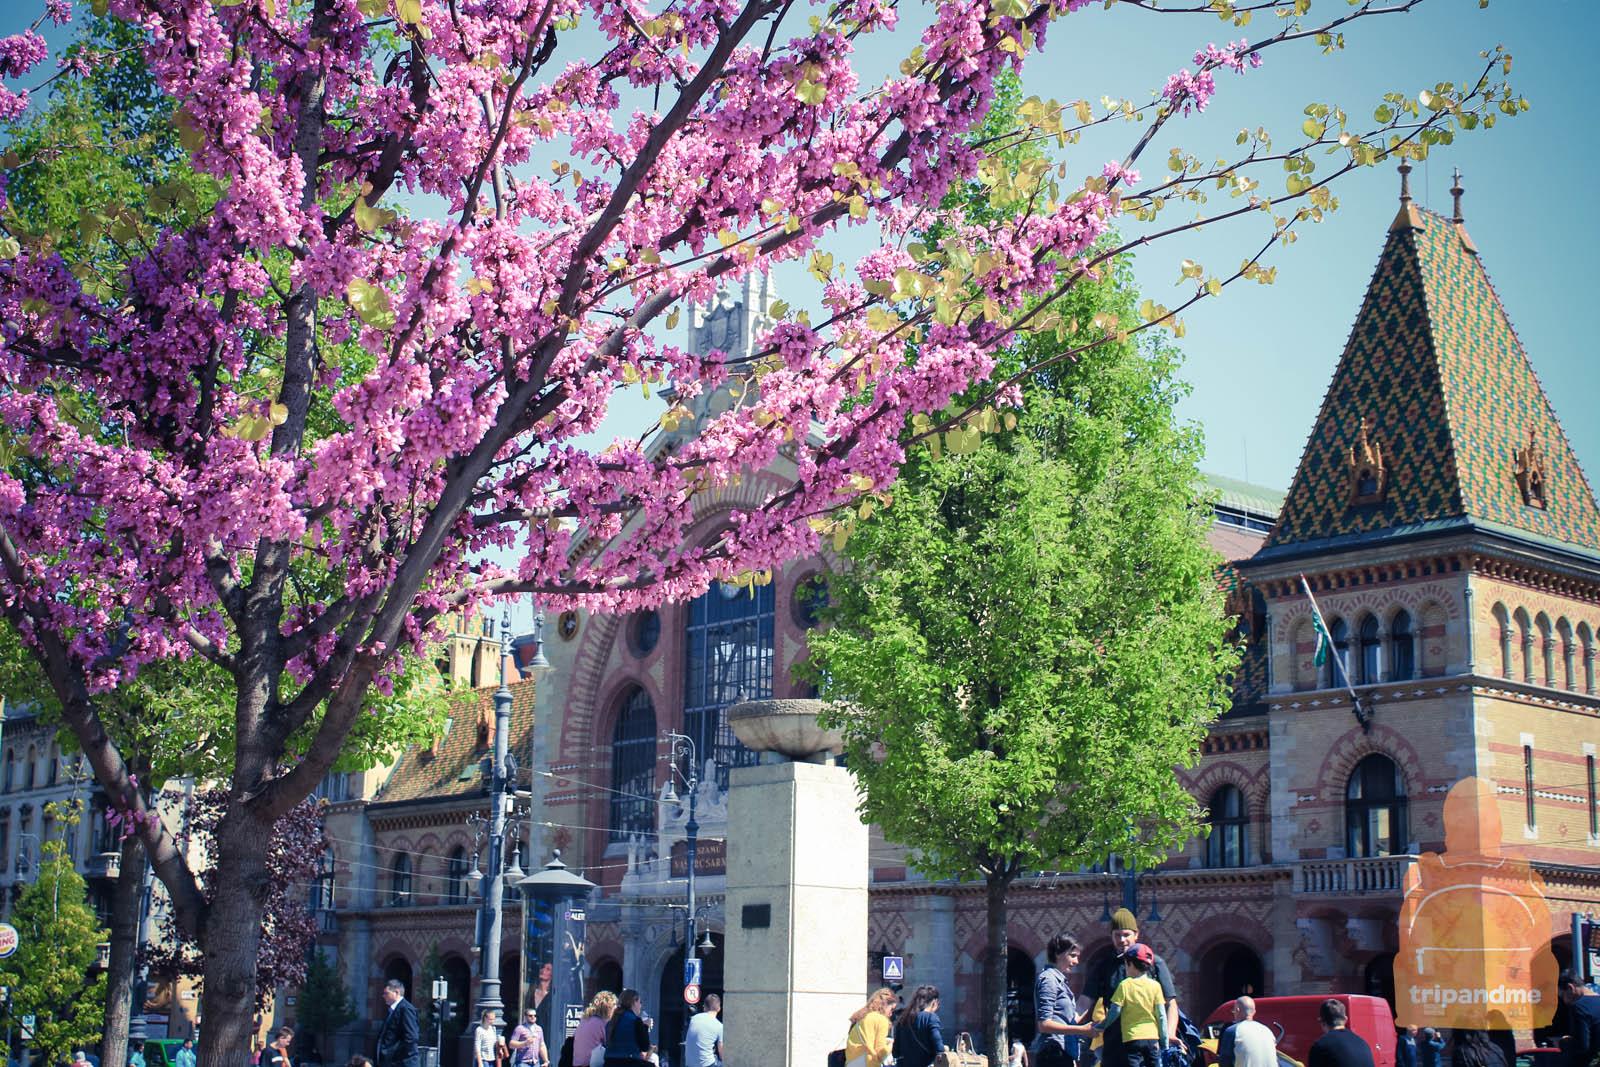 В апреле цветут деревья